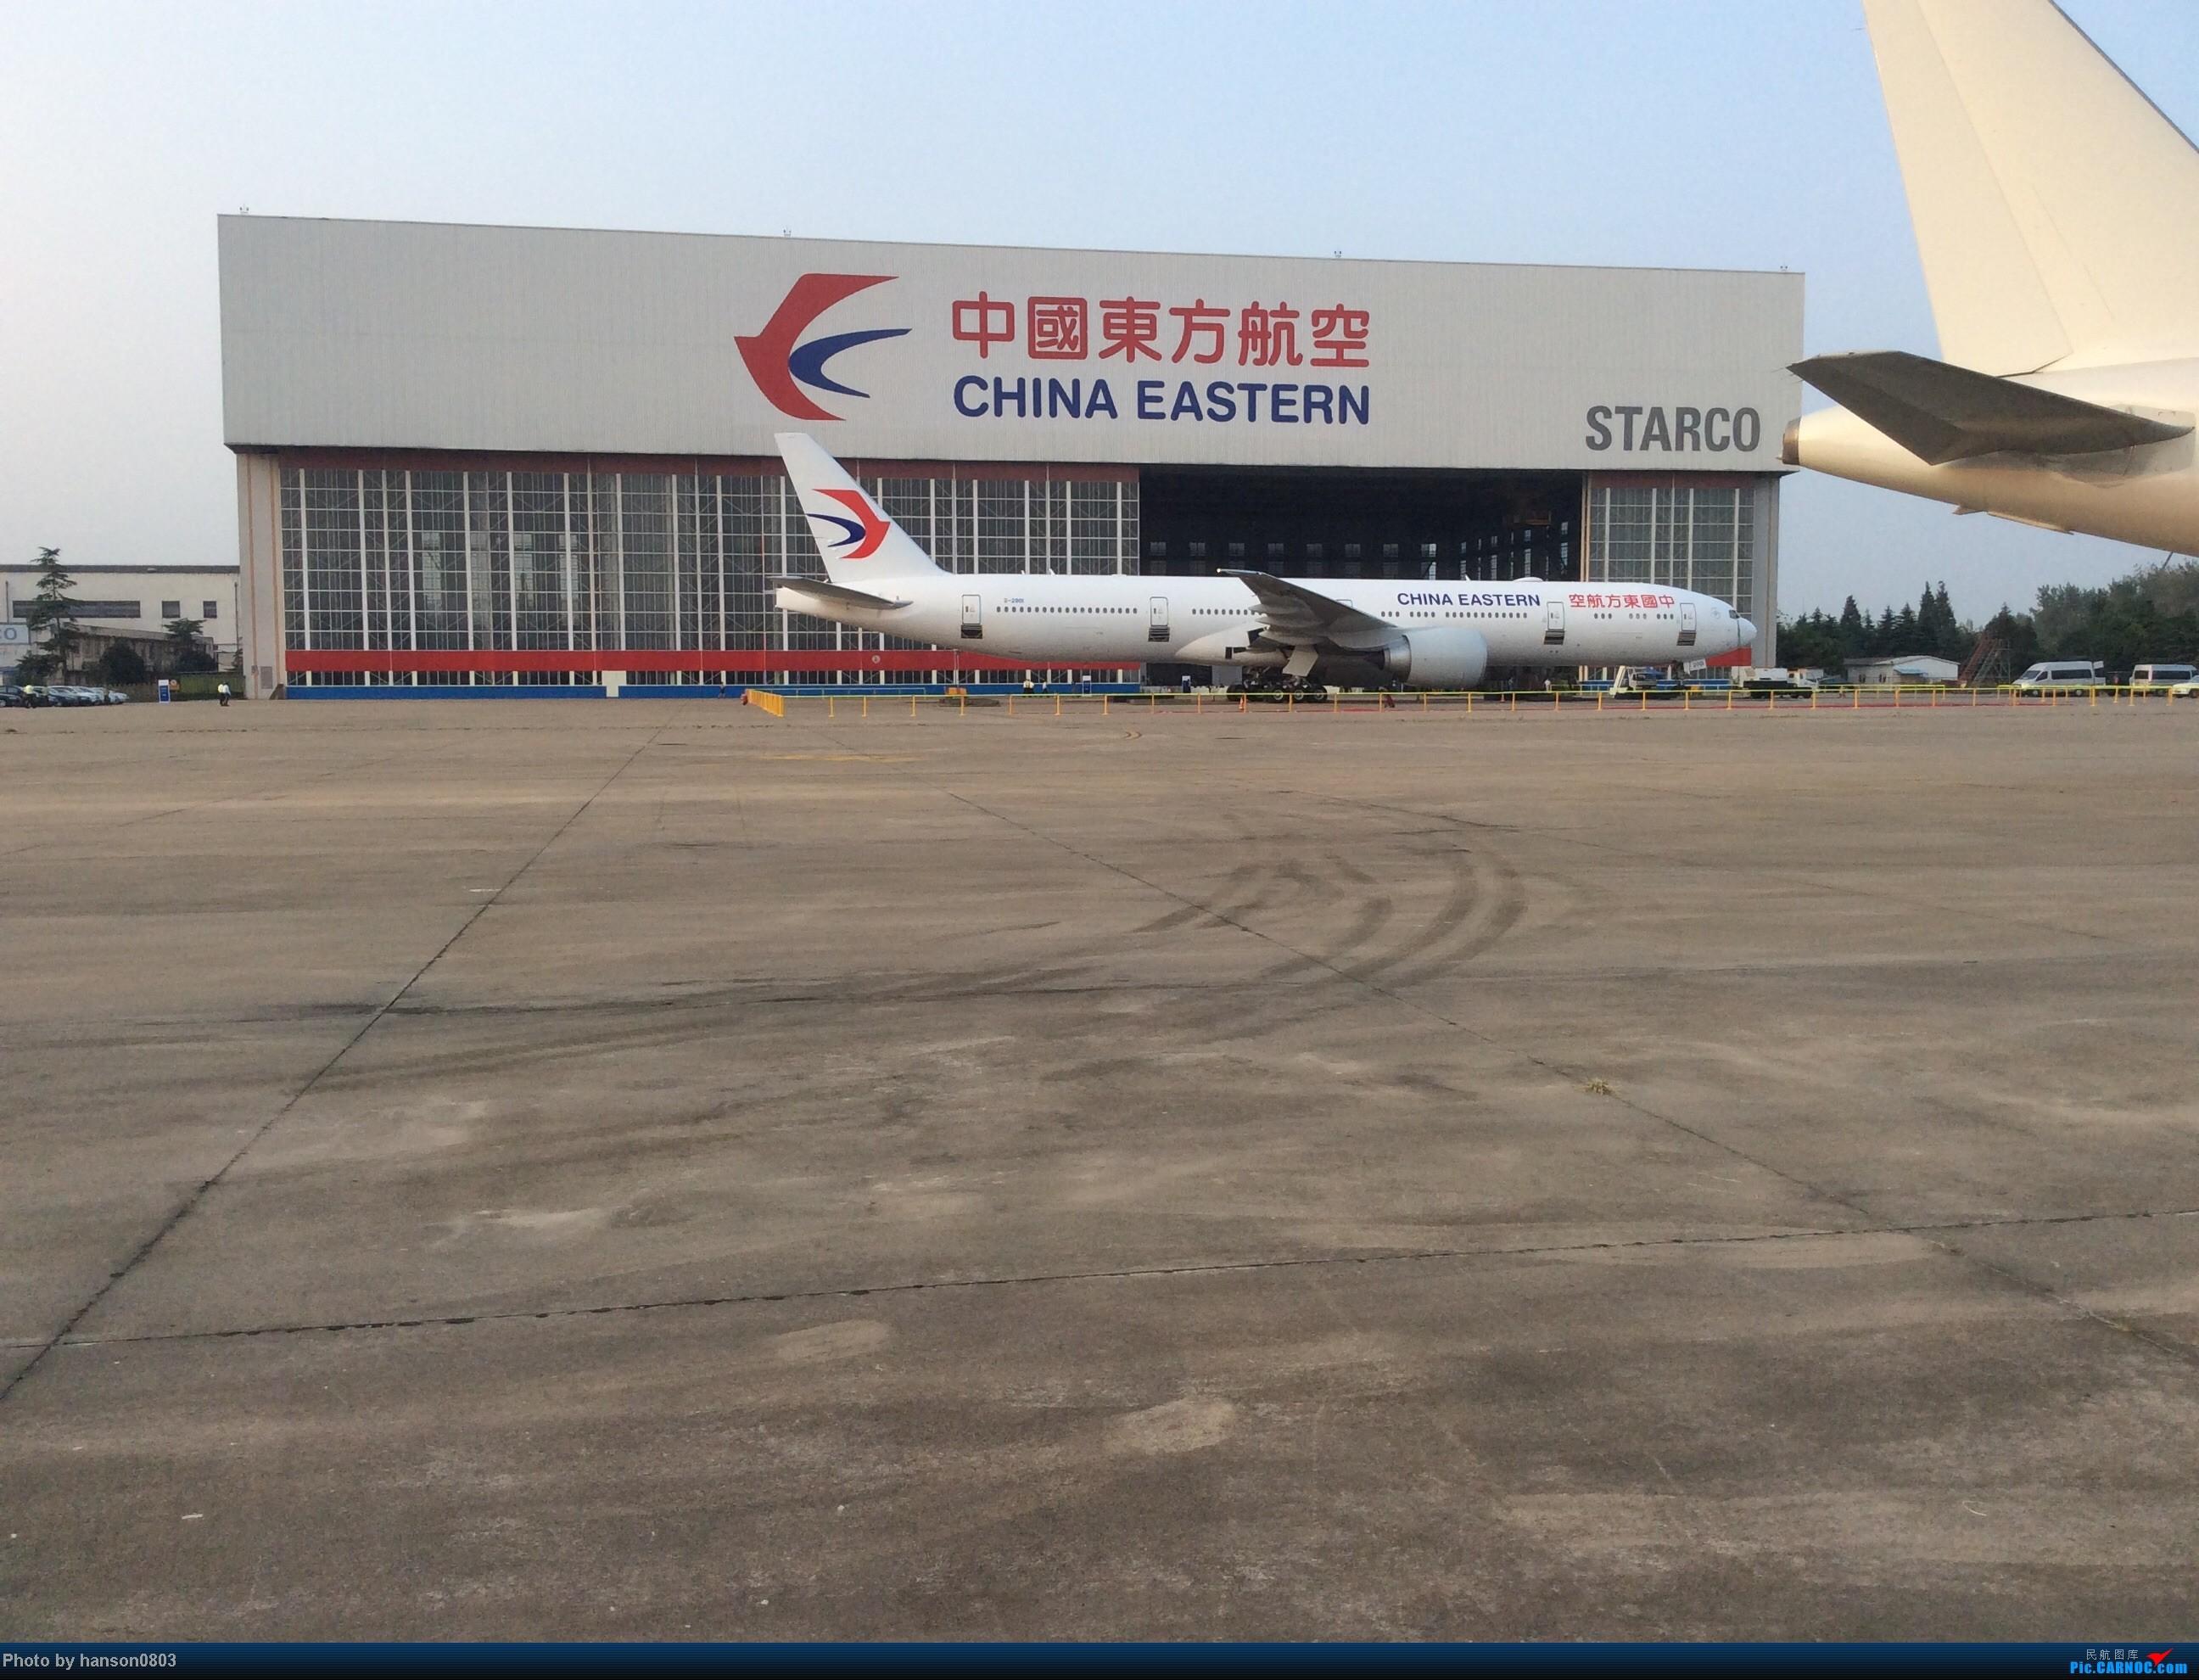 Re:[原创]不一样视野的MU77W,不和你们拼镜头~~~~~~不和你们拼画质~~~~~~只要特殊! BOEING 777-300ER B-2001 中国上海虹桥机场